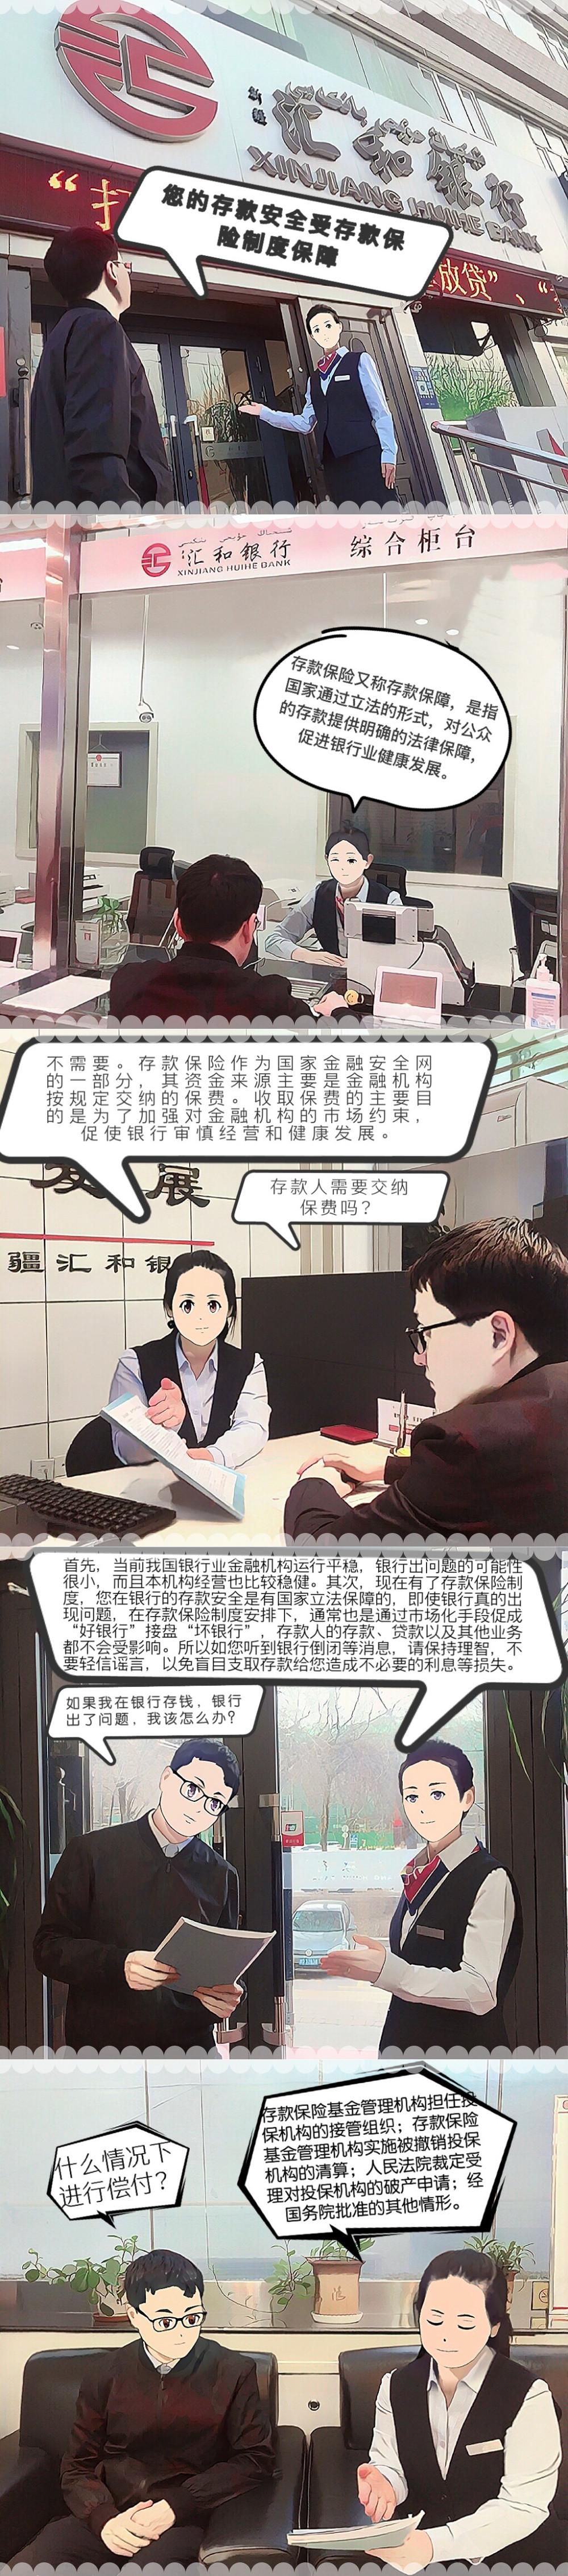 宣传长图-新疆汇和银行-李娇楠.jpg